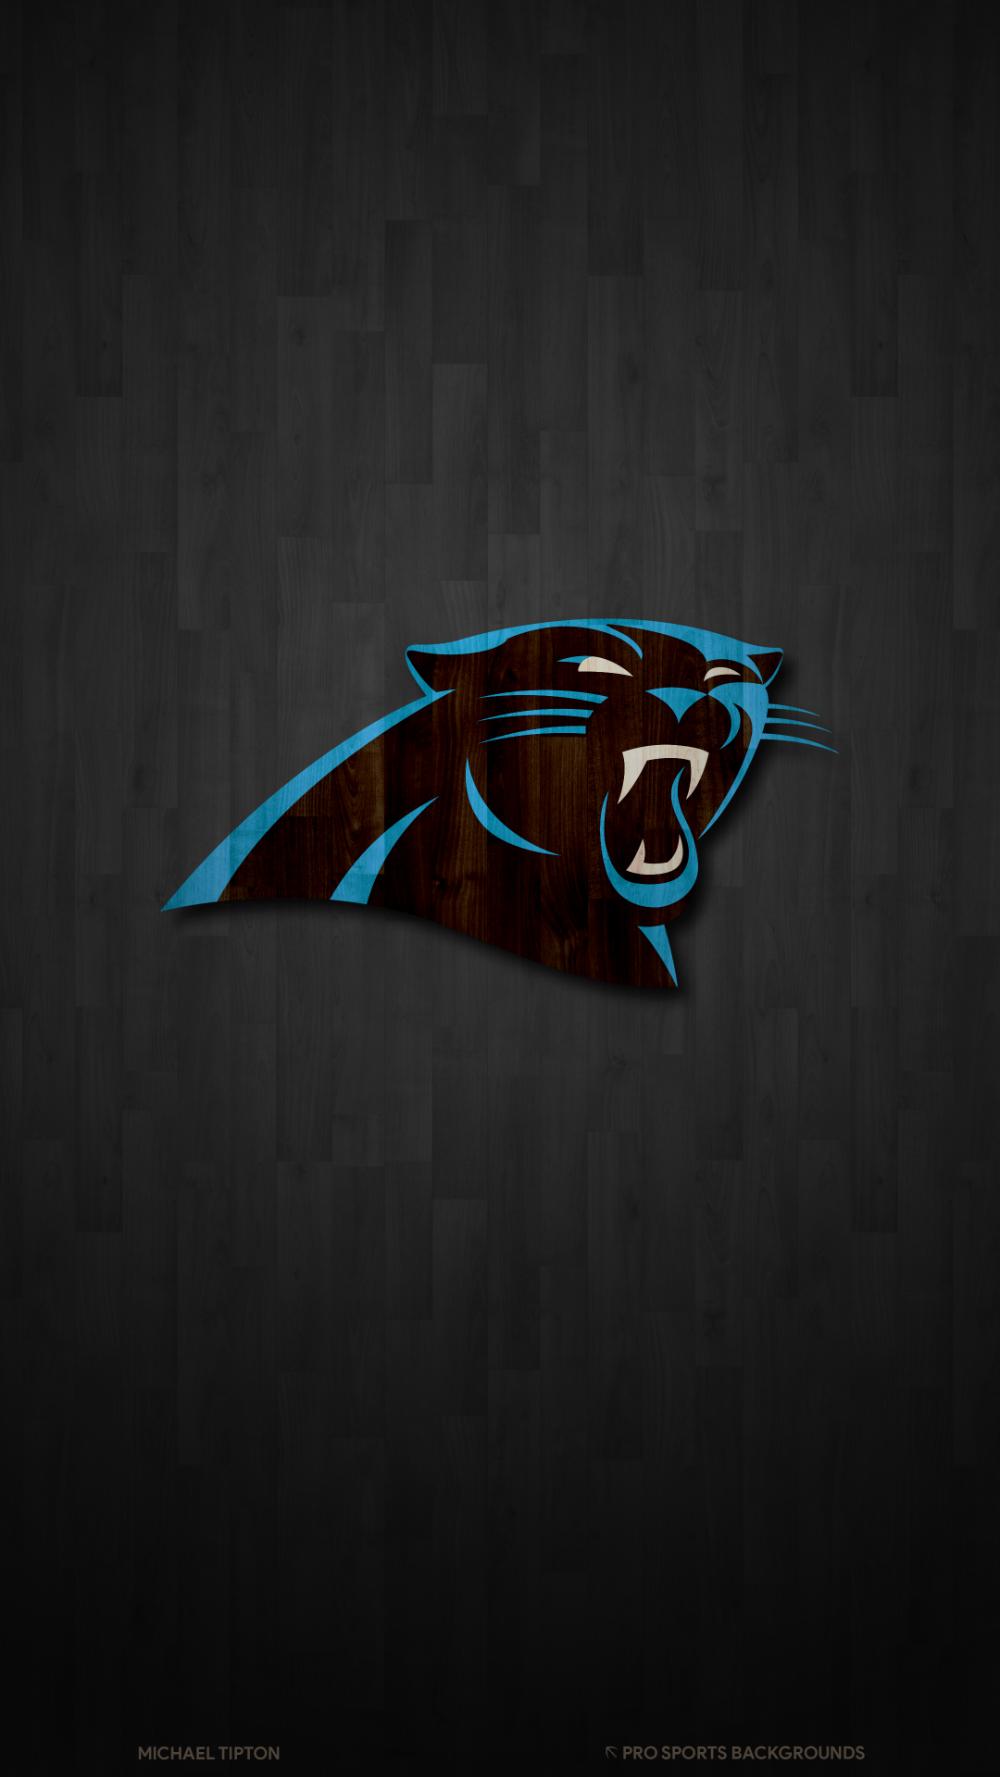 2019 Carolina Panthers Wallpapers Pro Sports Backgrounds Carolina Panthers Wallpaper Carolina Panthers Football Carolina Panthers Logo